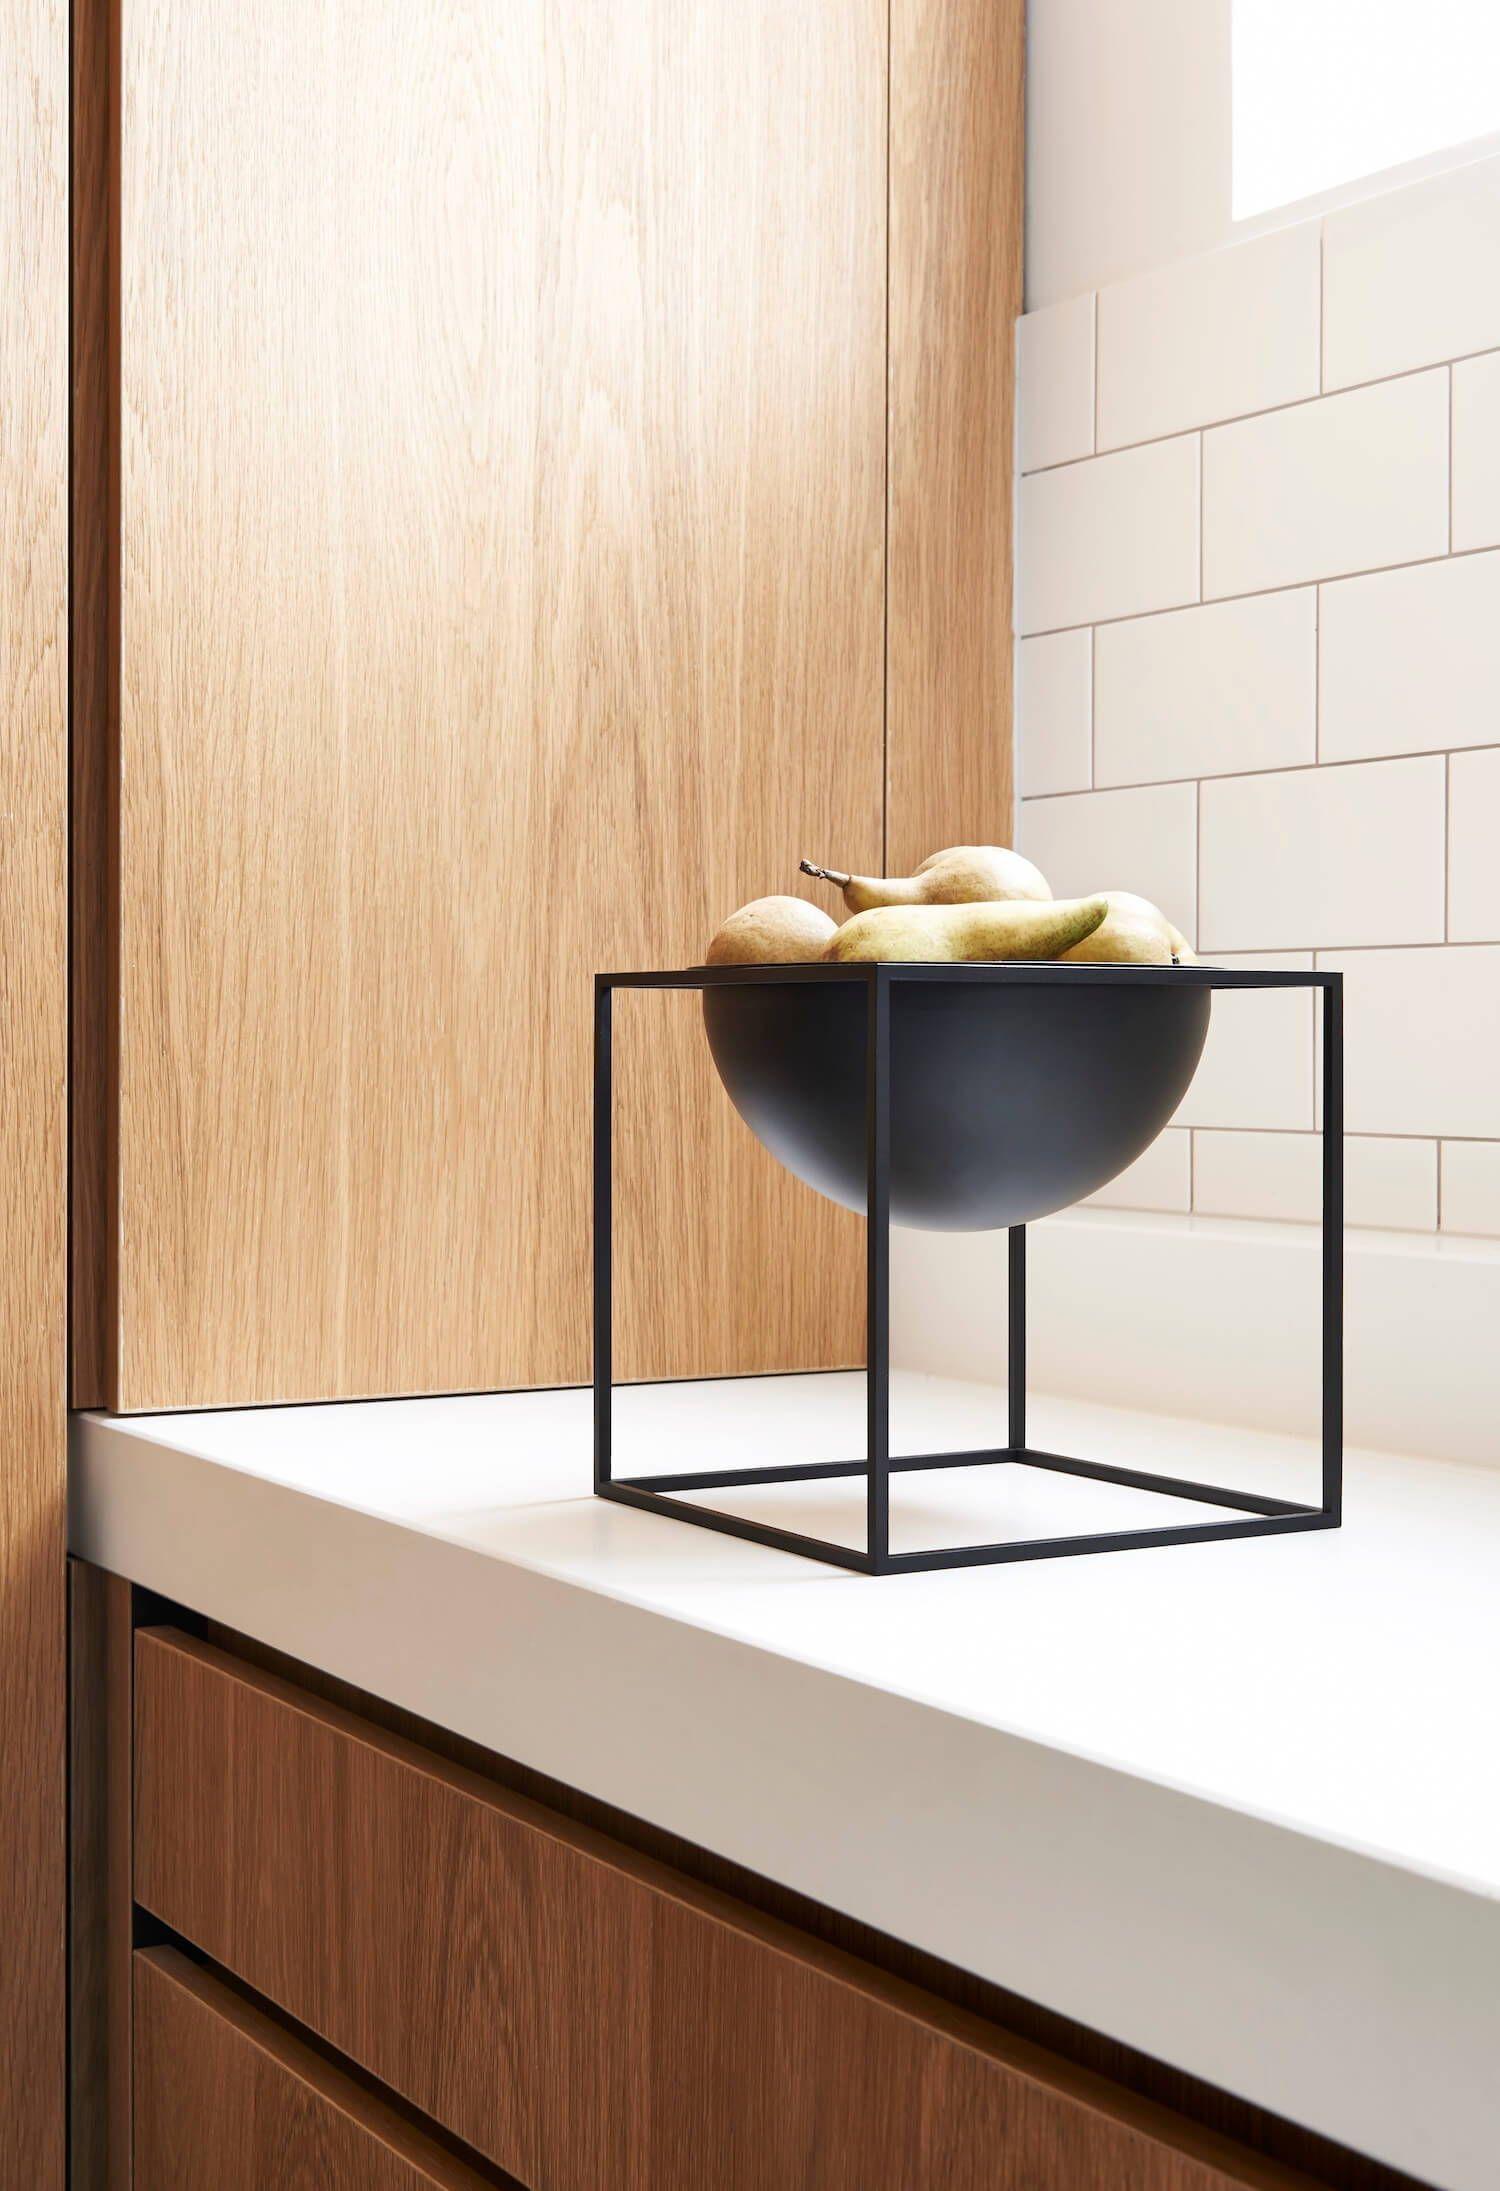 Küchen-design-schrank etre living blog  schränke  pinterest  innenarchitektur schrank